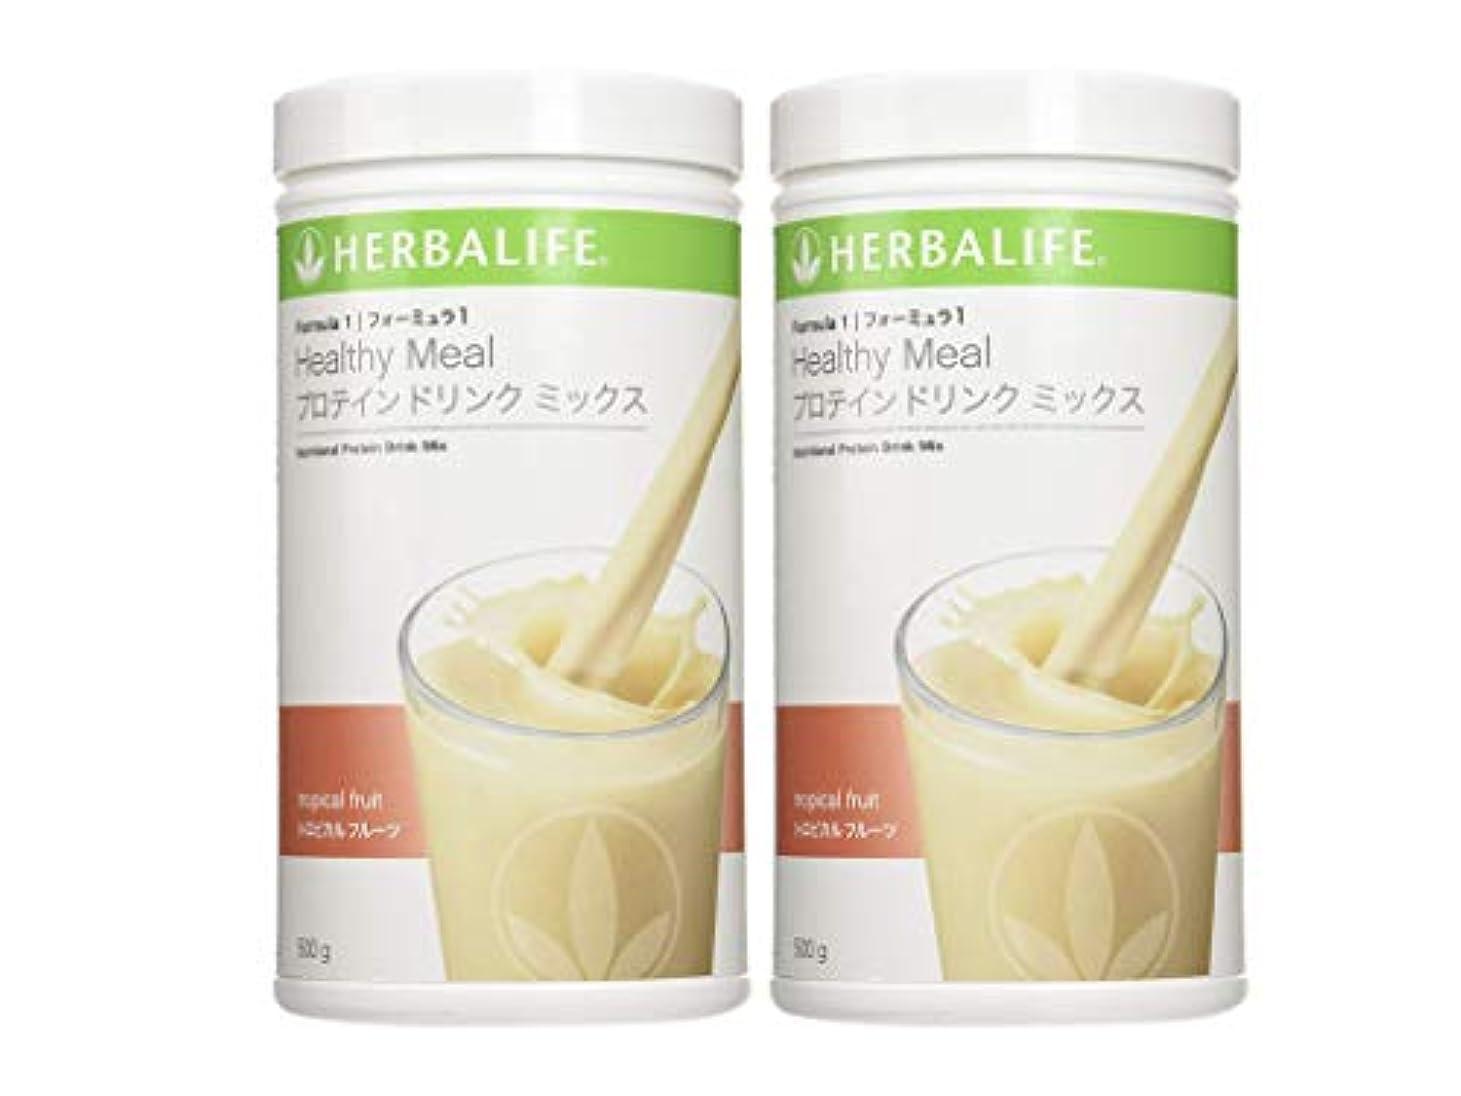 ホストアレキサンダーグラハムベル石鹸ハーバライフ フォーミュラ1プロテインドリンクミックス- トロピカルフルーツ味 2本セット